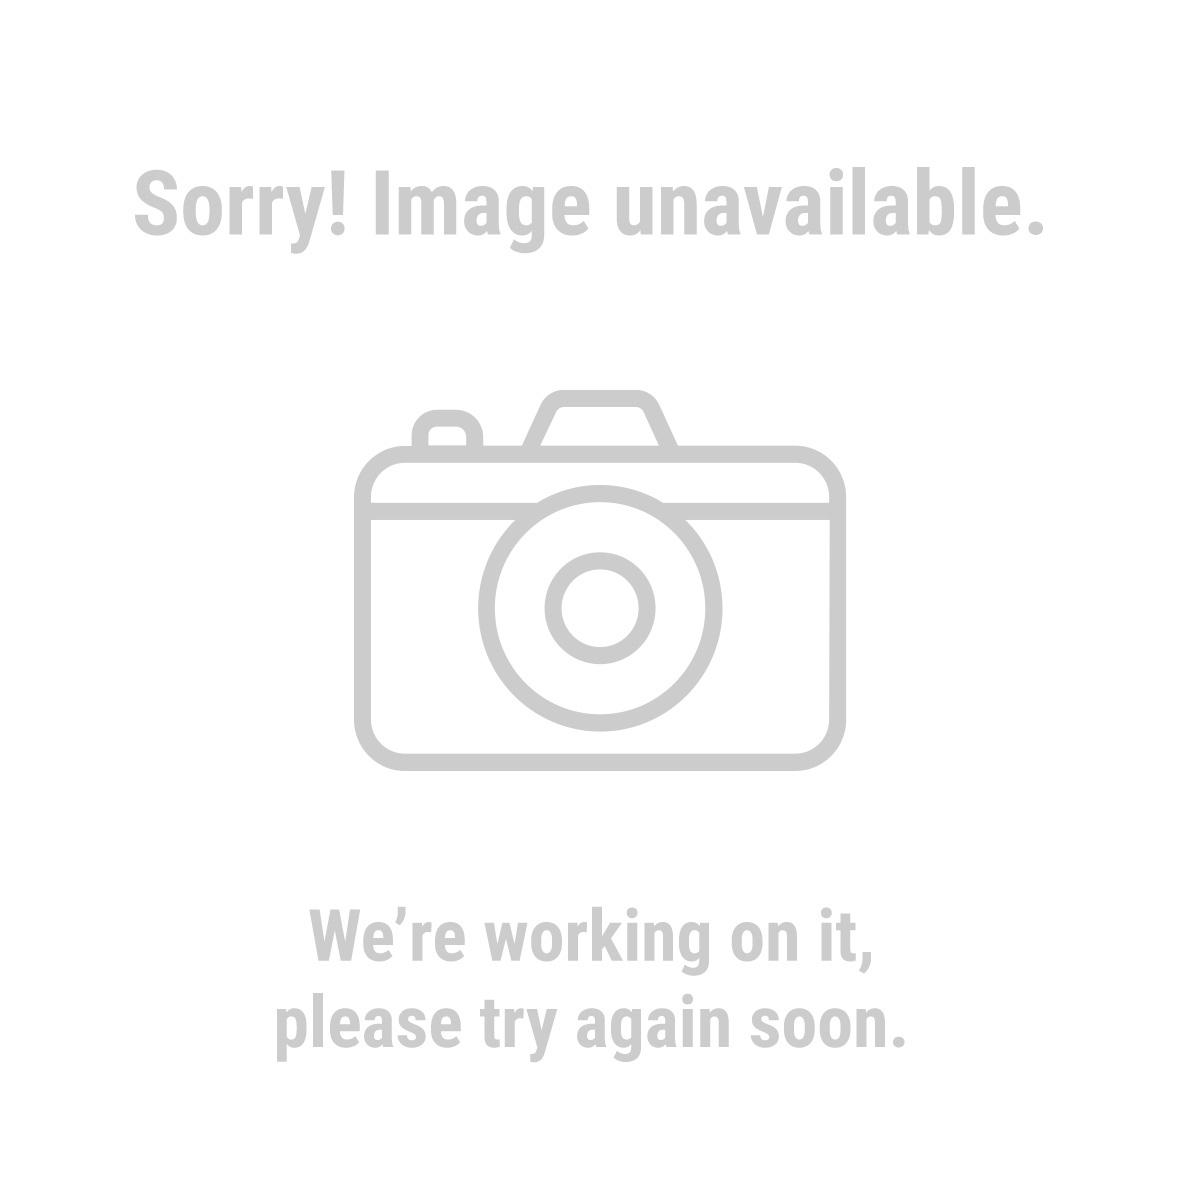 Solar Lights At Harbor Freight: Fleetwood Sequoia Roof Repair/Rebuild